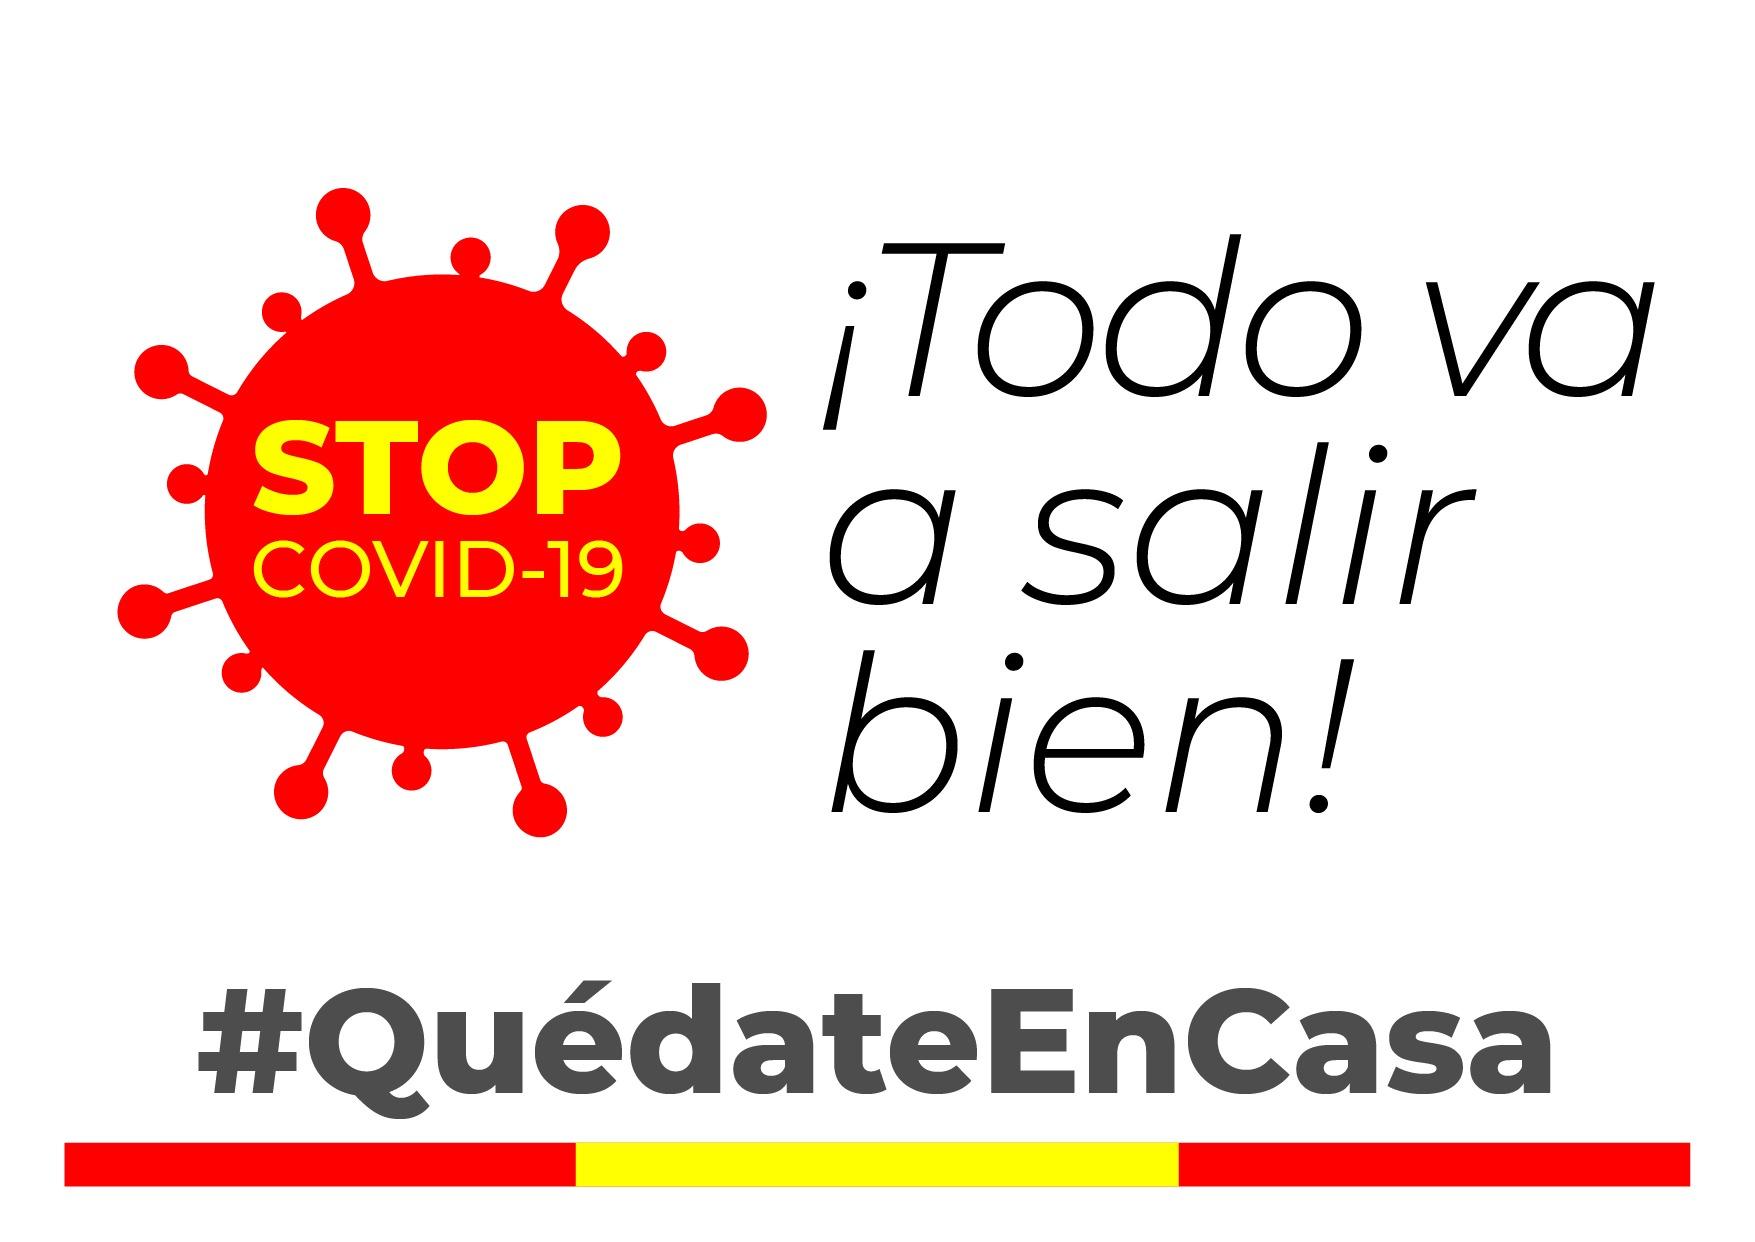 cartel de animo contra el coronavirus STOP covid-19 y mensaje #quedateencasa todo va a salir bien y bandera de España